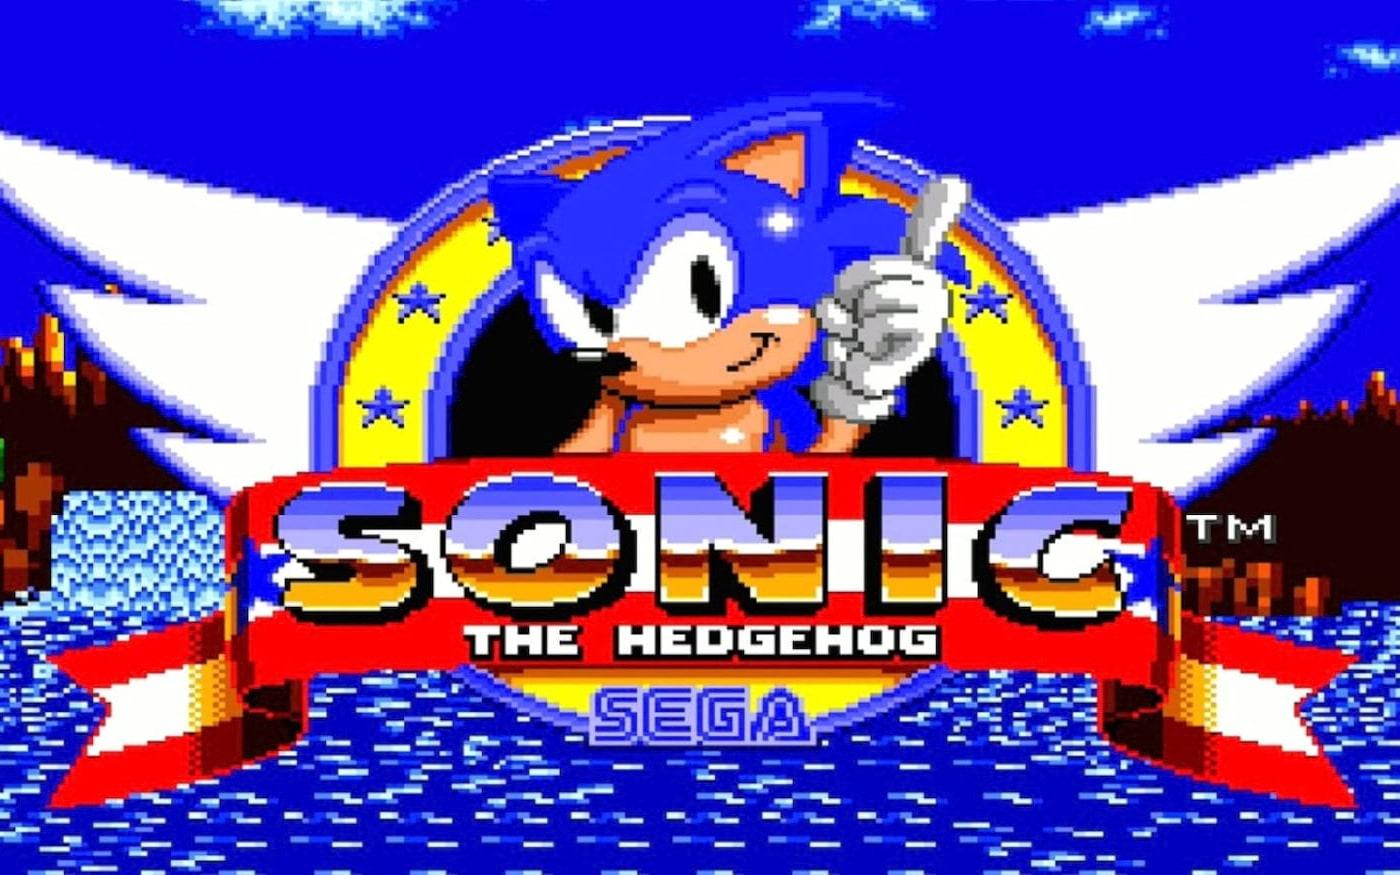 Sonic the Headgehog recebe novo trailer com personagem atualizado